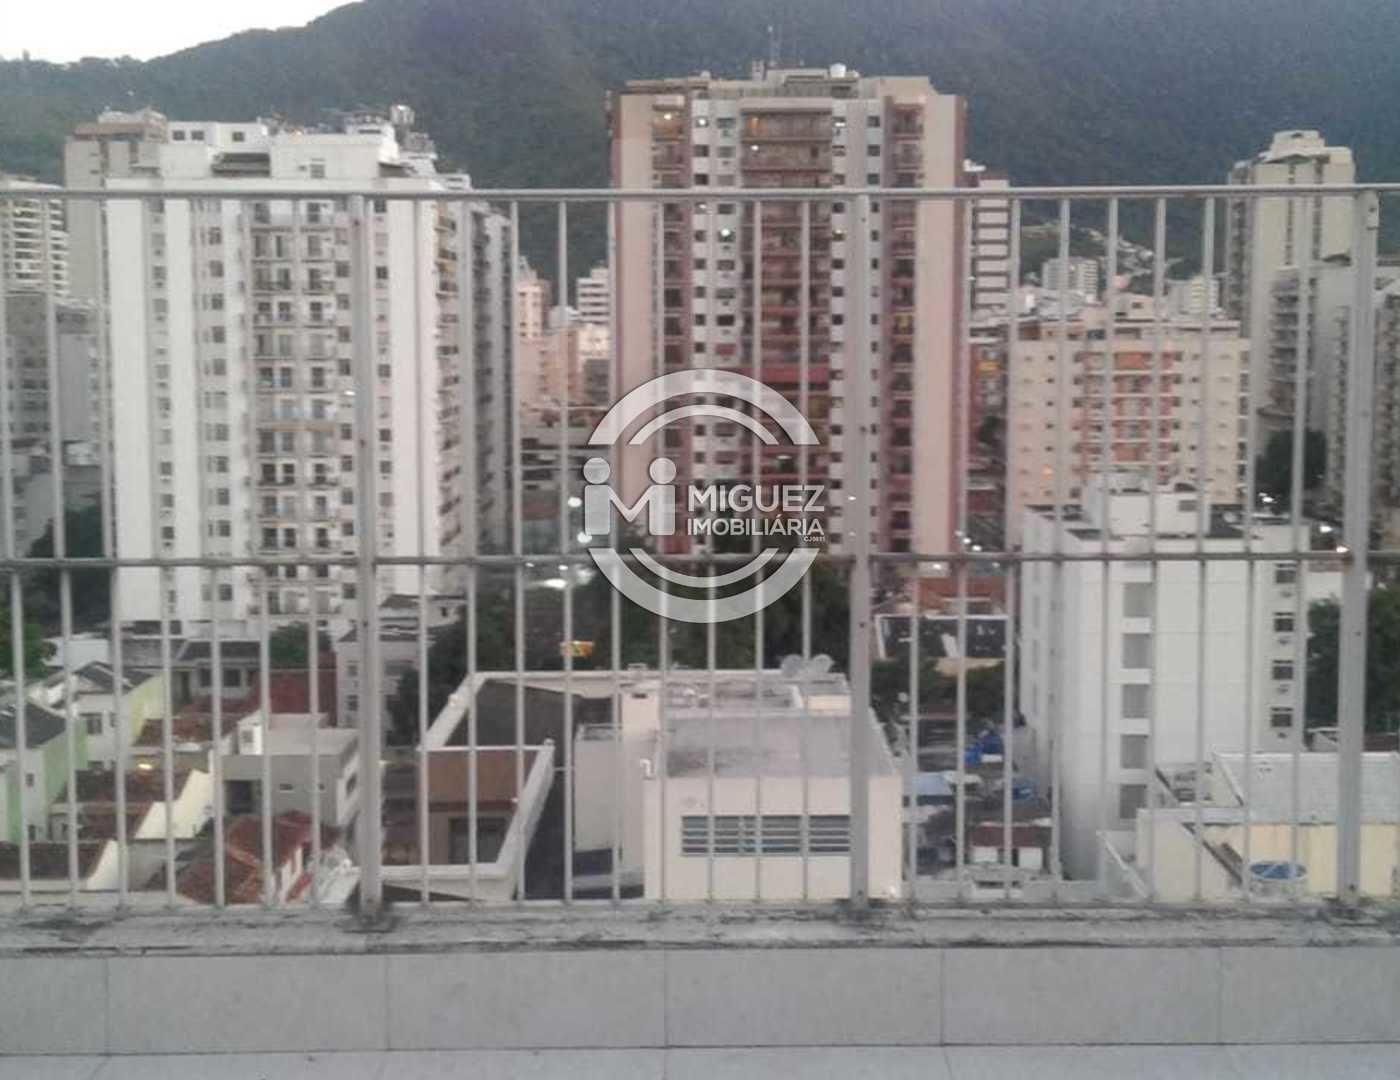 Cobertura, venda, Rua dos Artistas - Tijuca , Rio de janeiro